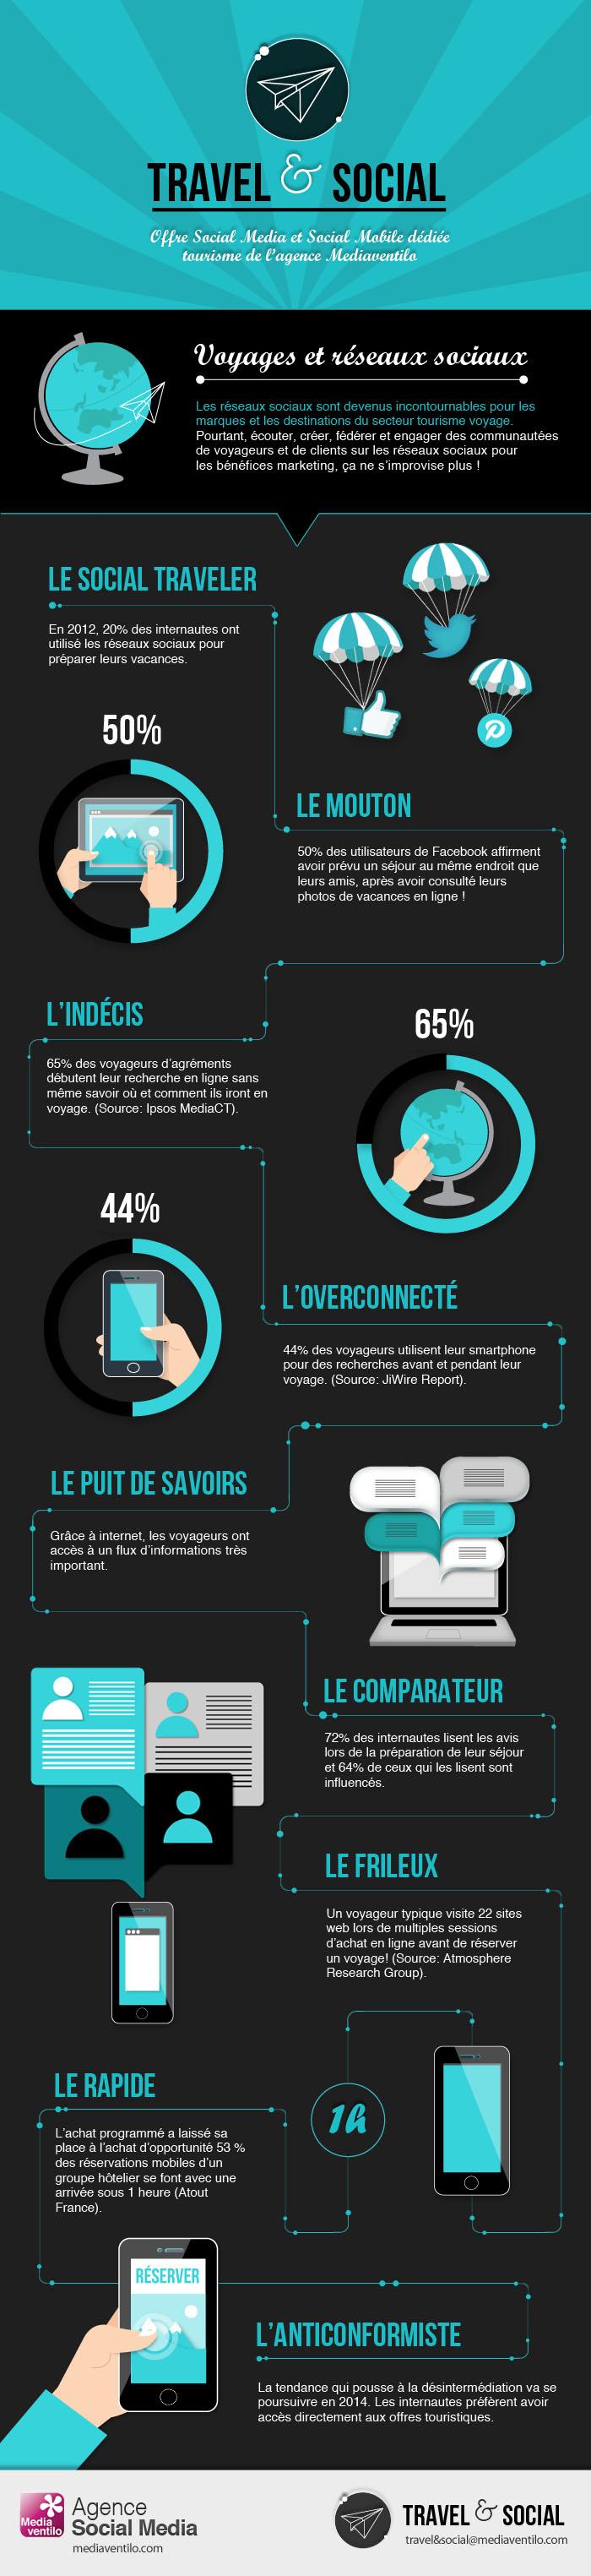 infographie-mediaventilo-travel-social-voyages-et-reseaux-sociaux